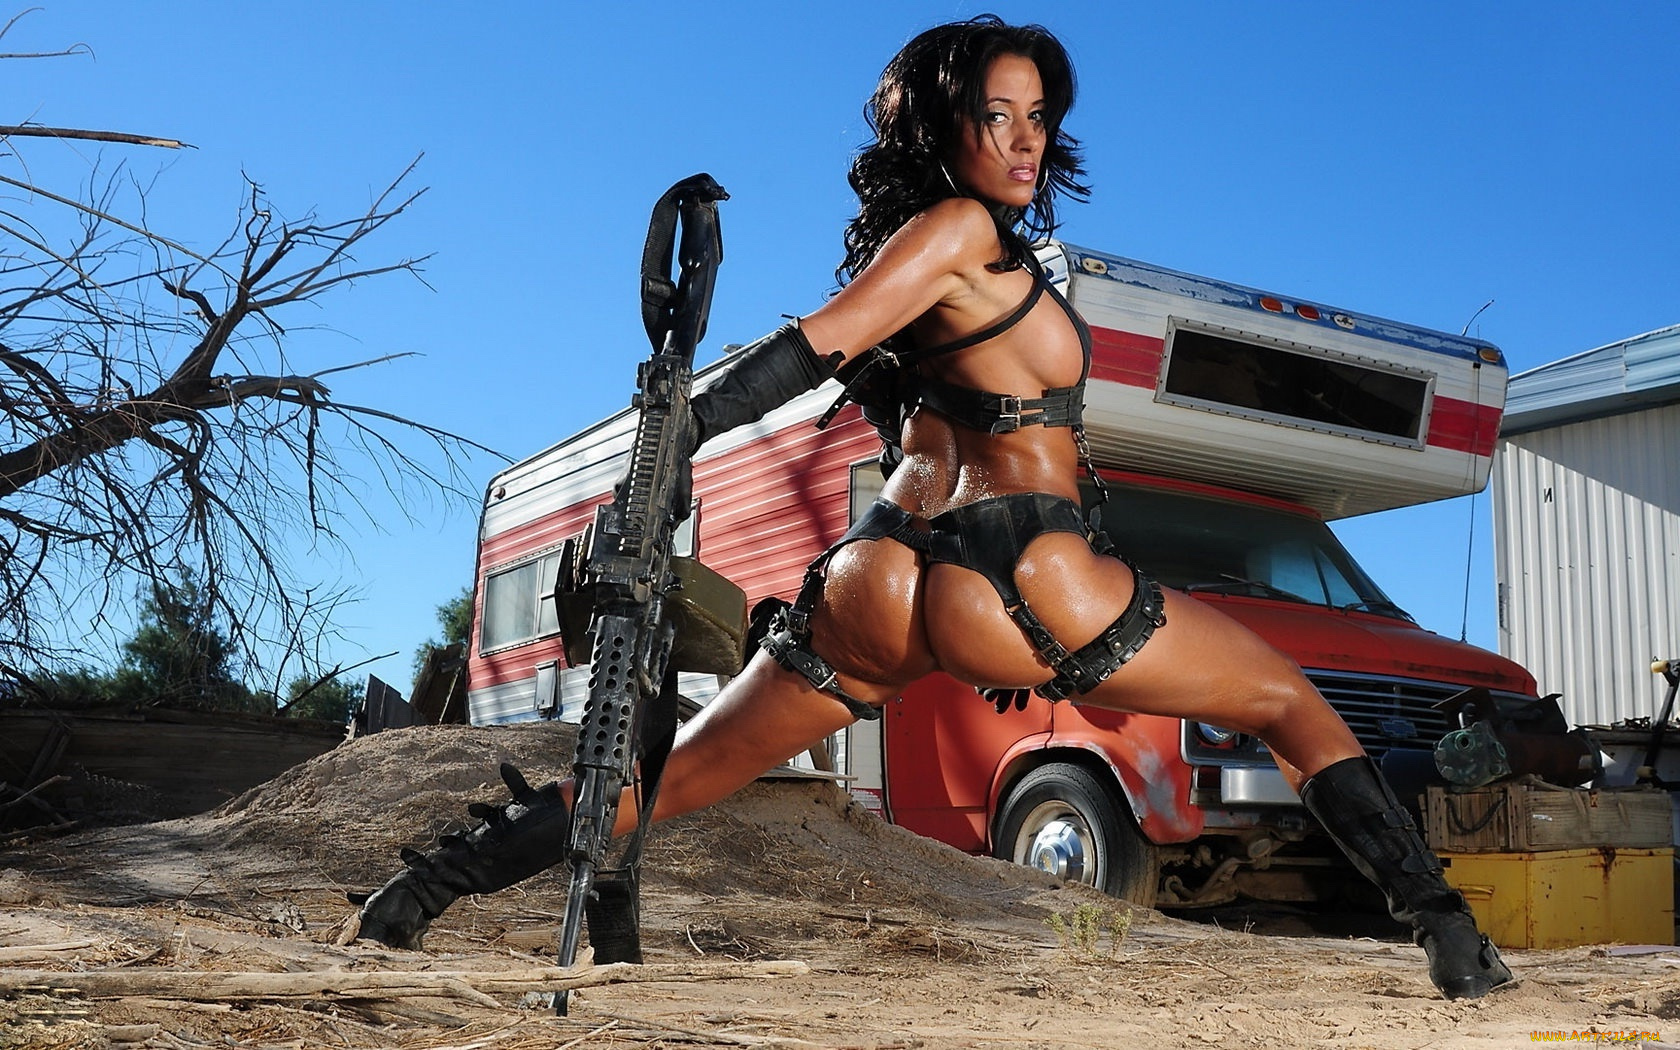 голые сексуальные девушки с оружием